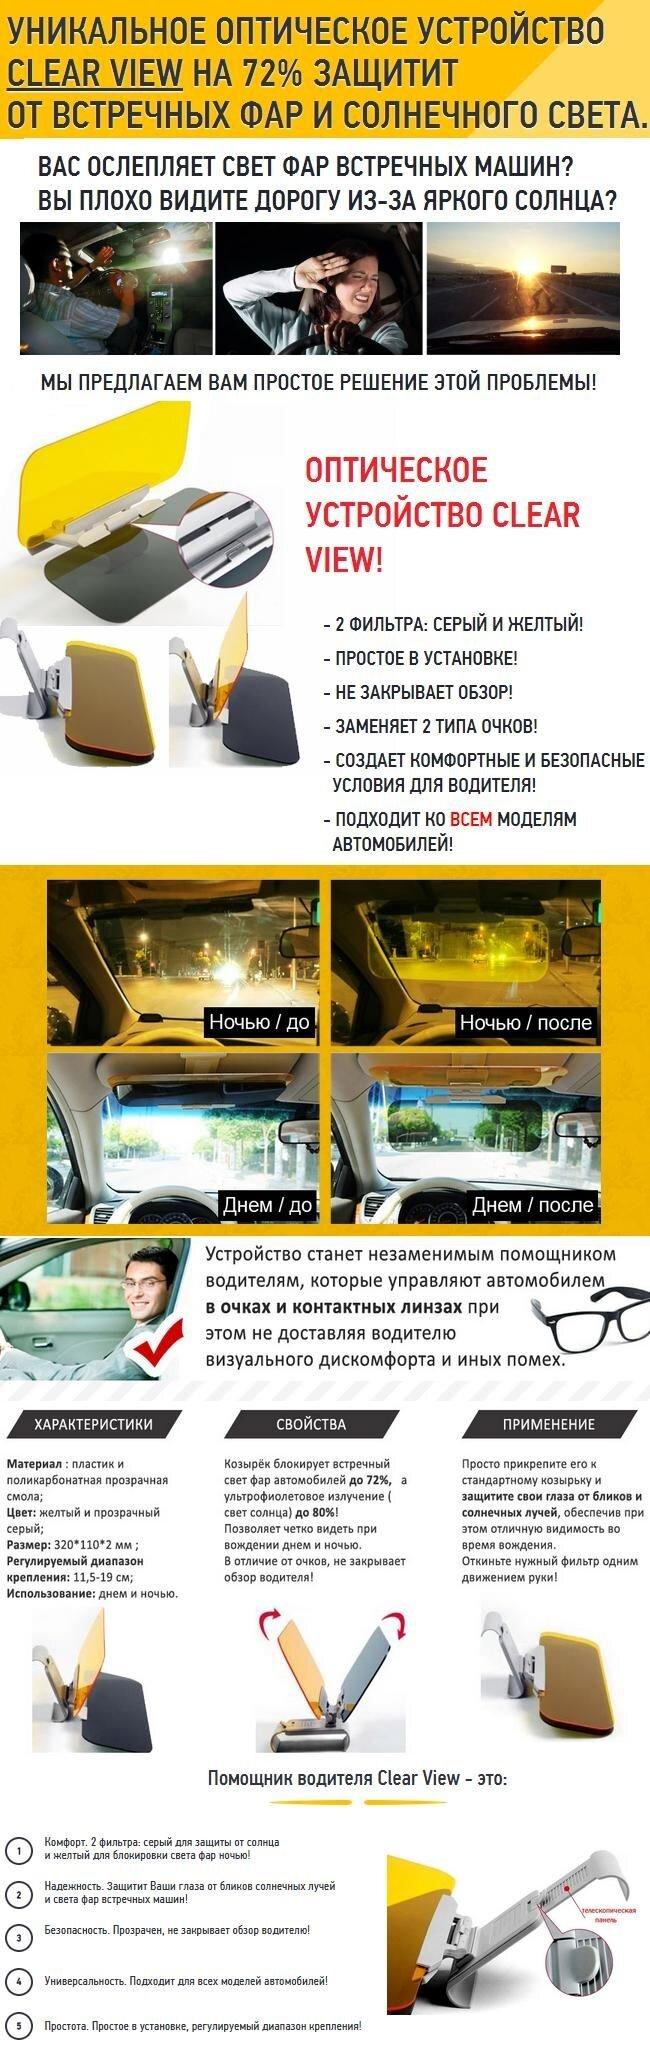 Козырек Clear View для автомобиля - фото Антибликовый козырек Clear View